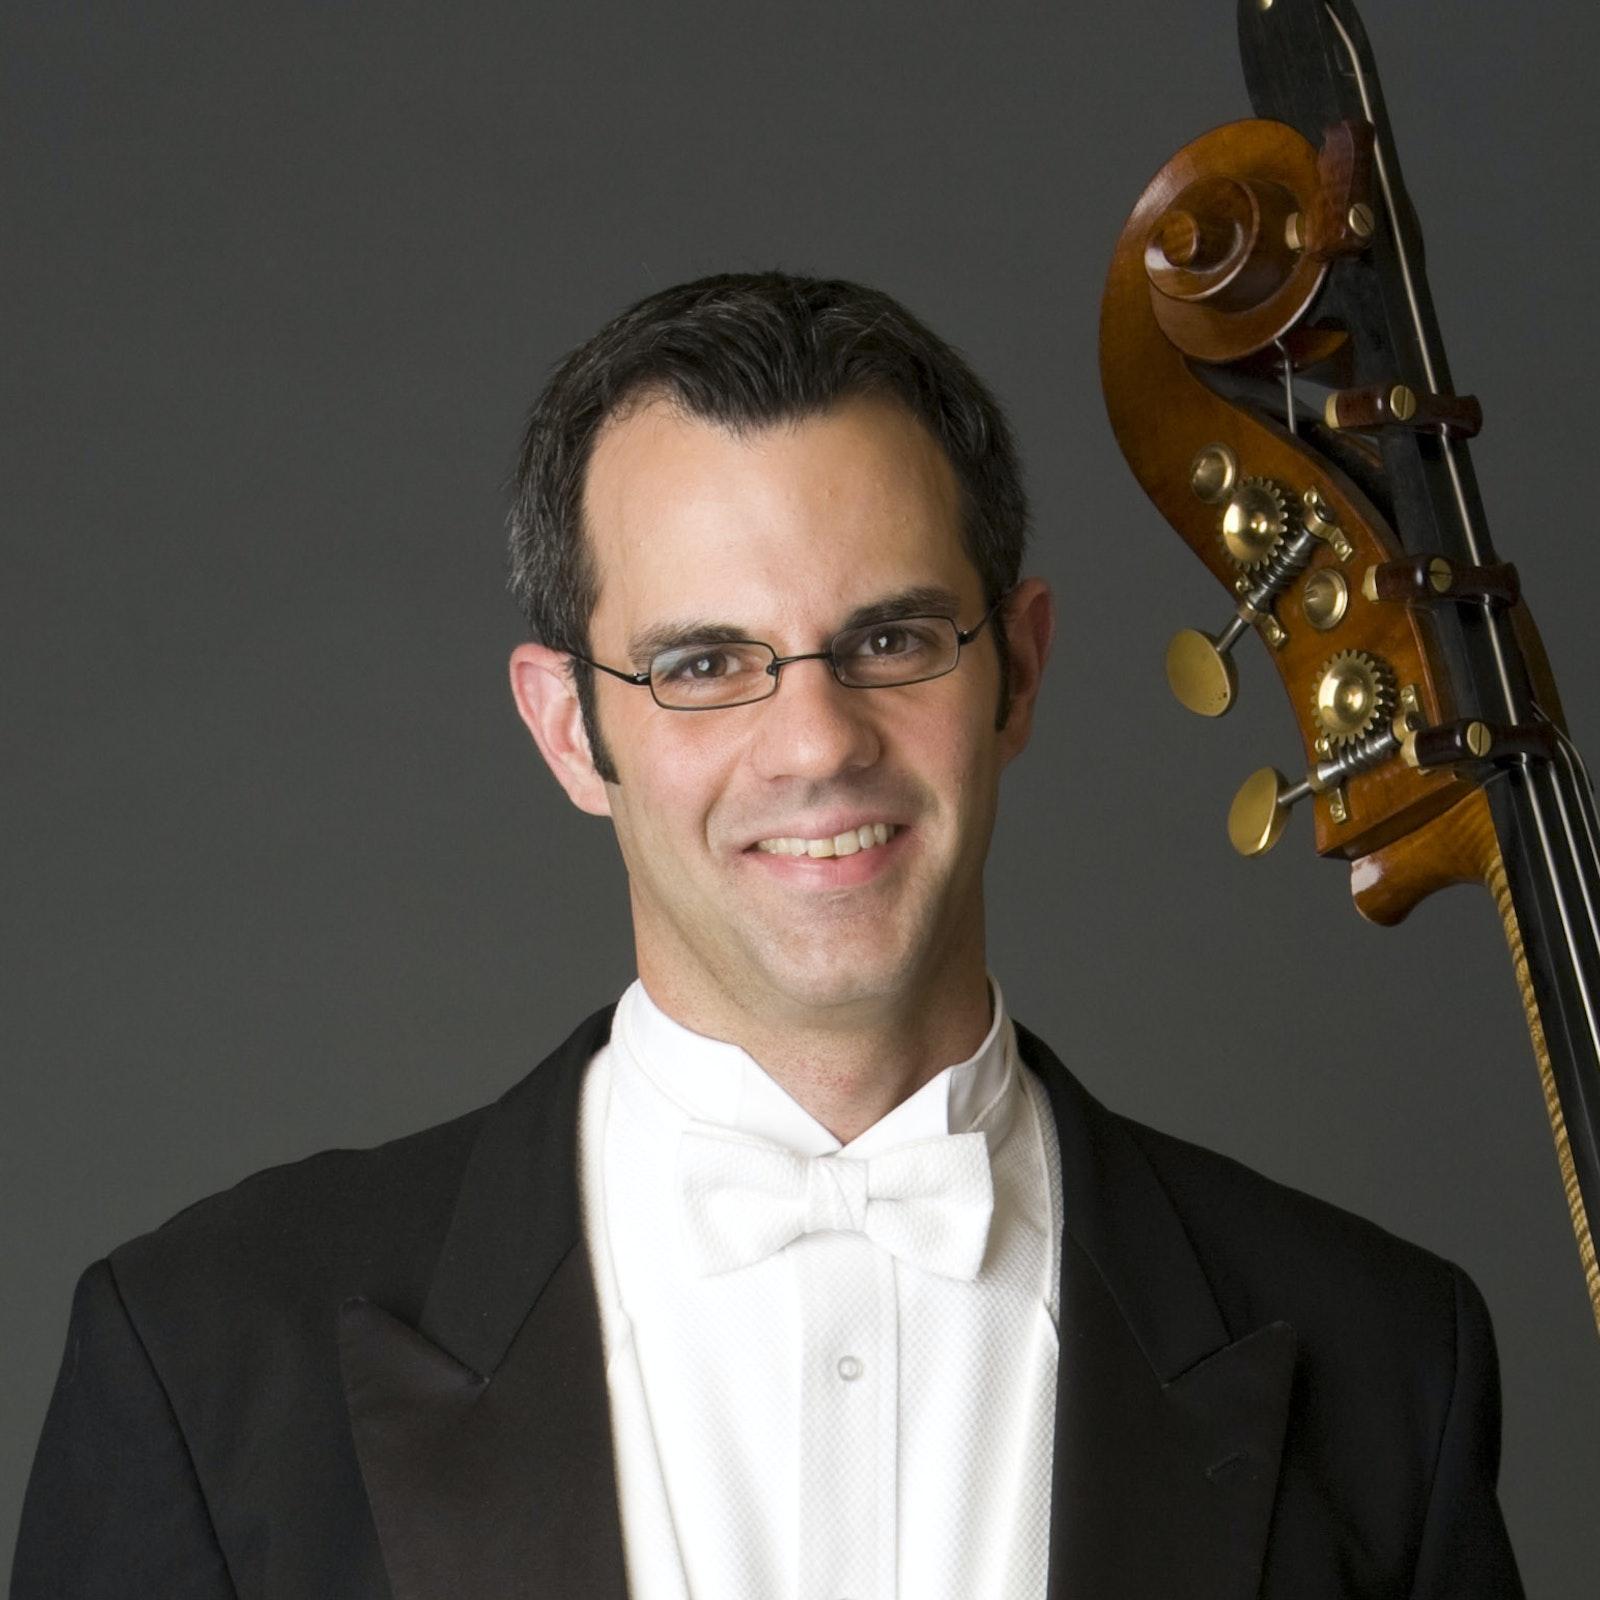 Scott Pingel